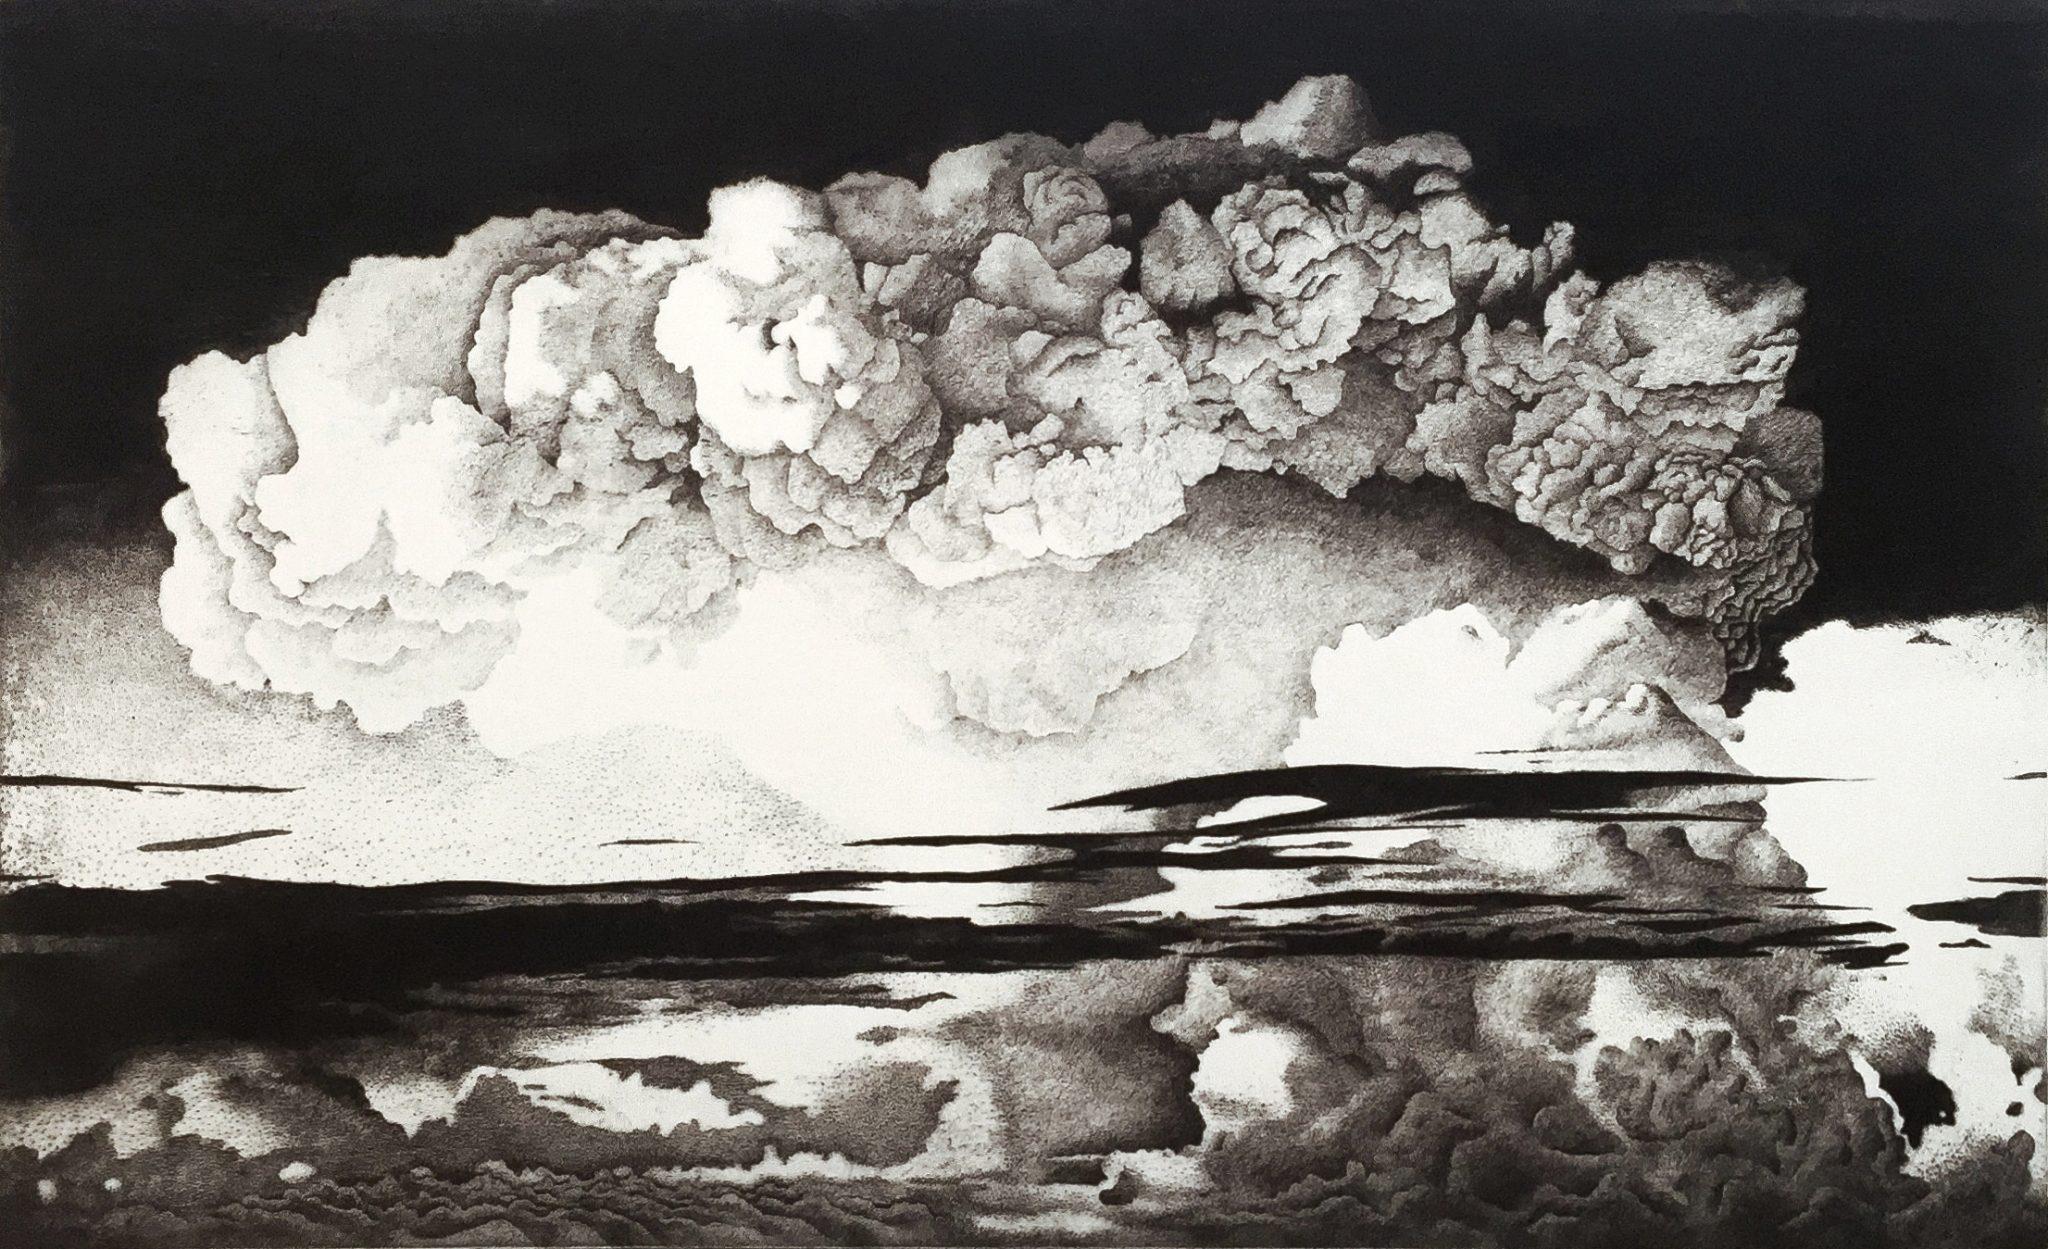 Esplosioni nucleari multiple. Stefano Serretta, la percezione del potere